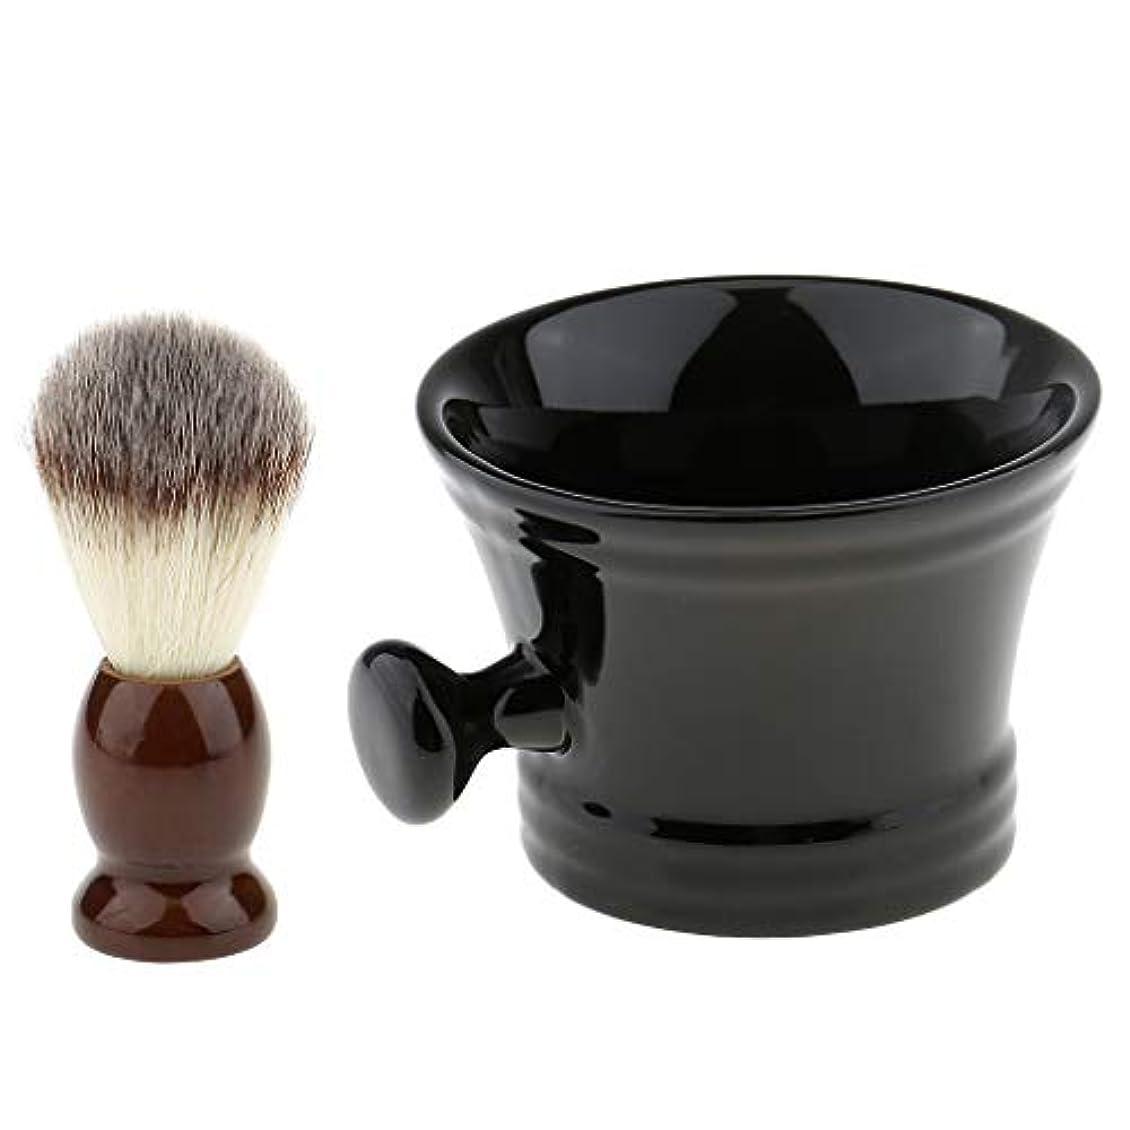 木コメンテーター絶対のメンズ シェービング 洗顔 髭剃り ひげブラシ セラミックボウル 泡立ち 理容 アクセサリー 2点セット